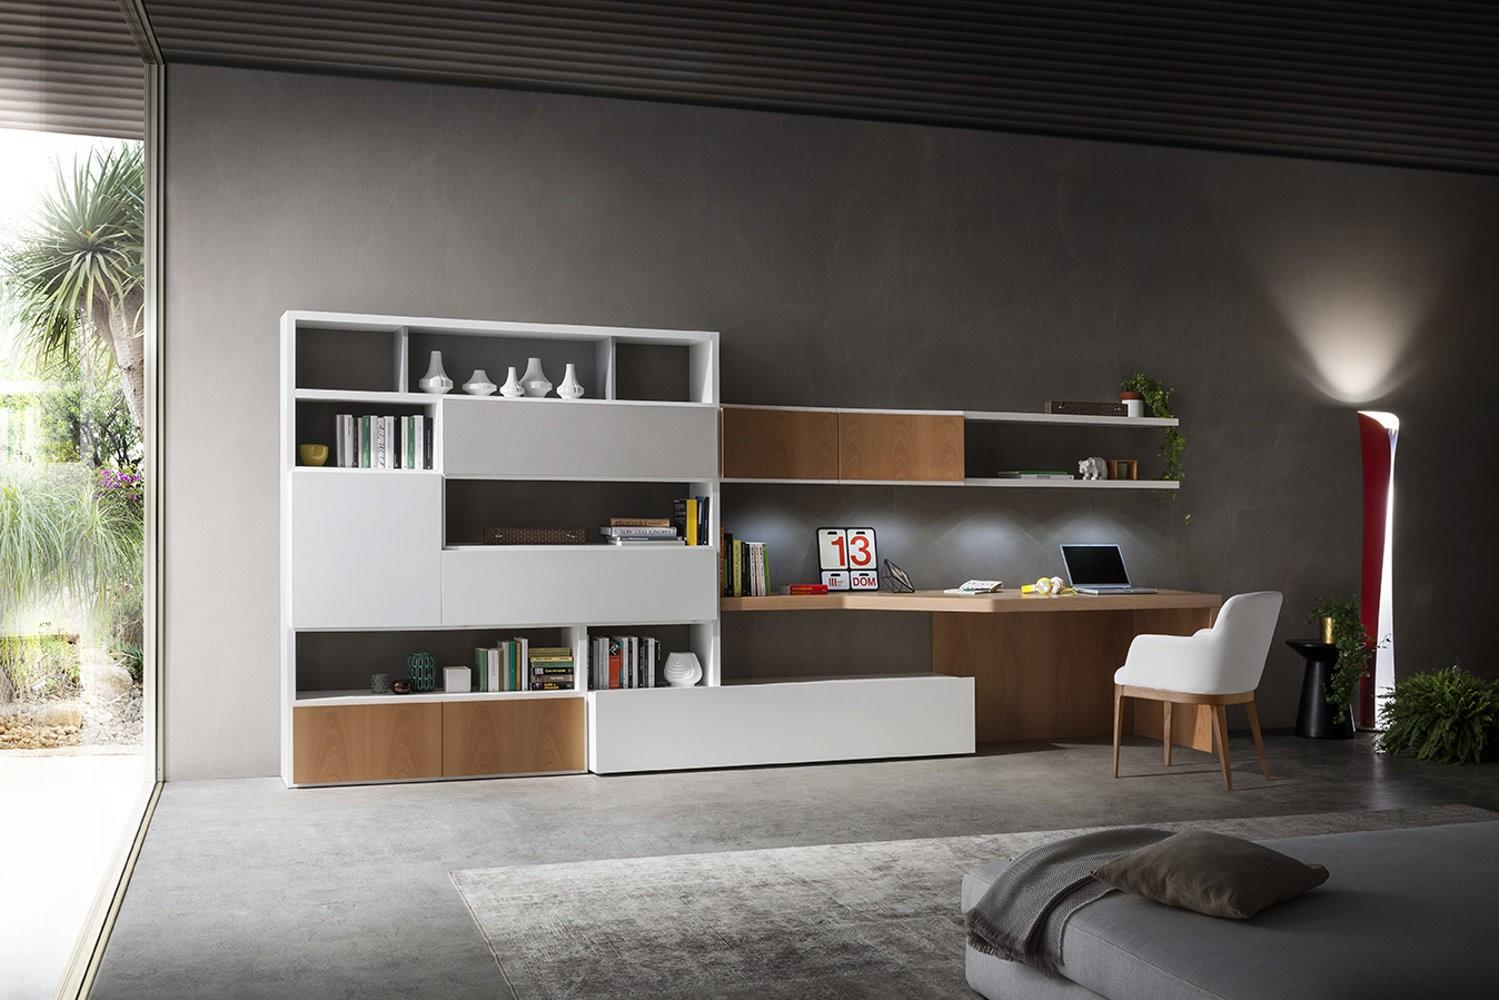 libreria-soggiorno-scrittoio-integrato-702-napol-01